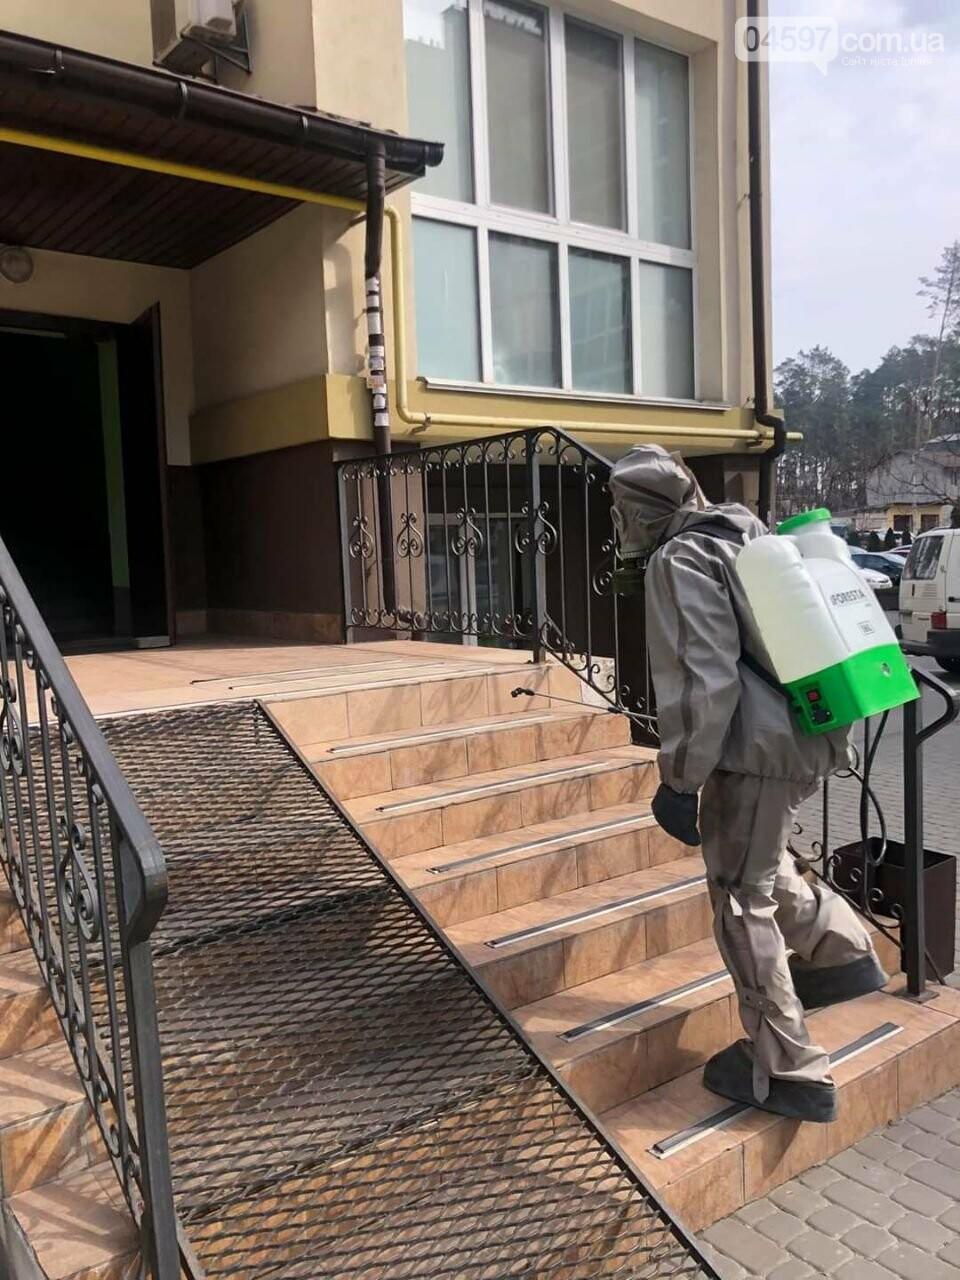 В Ірпені та Ворзелі дезинфікують будинки, де живуть хворі на коронавірус, фото-3